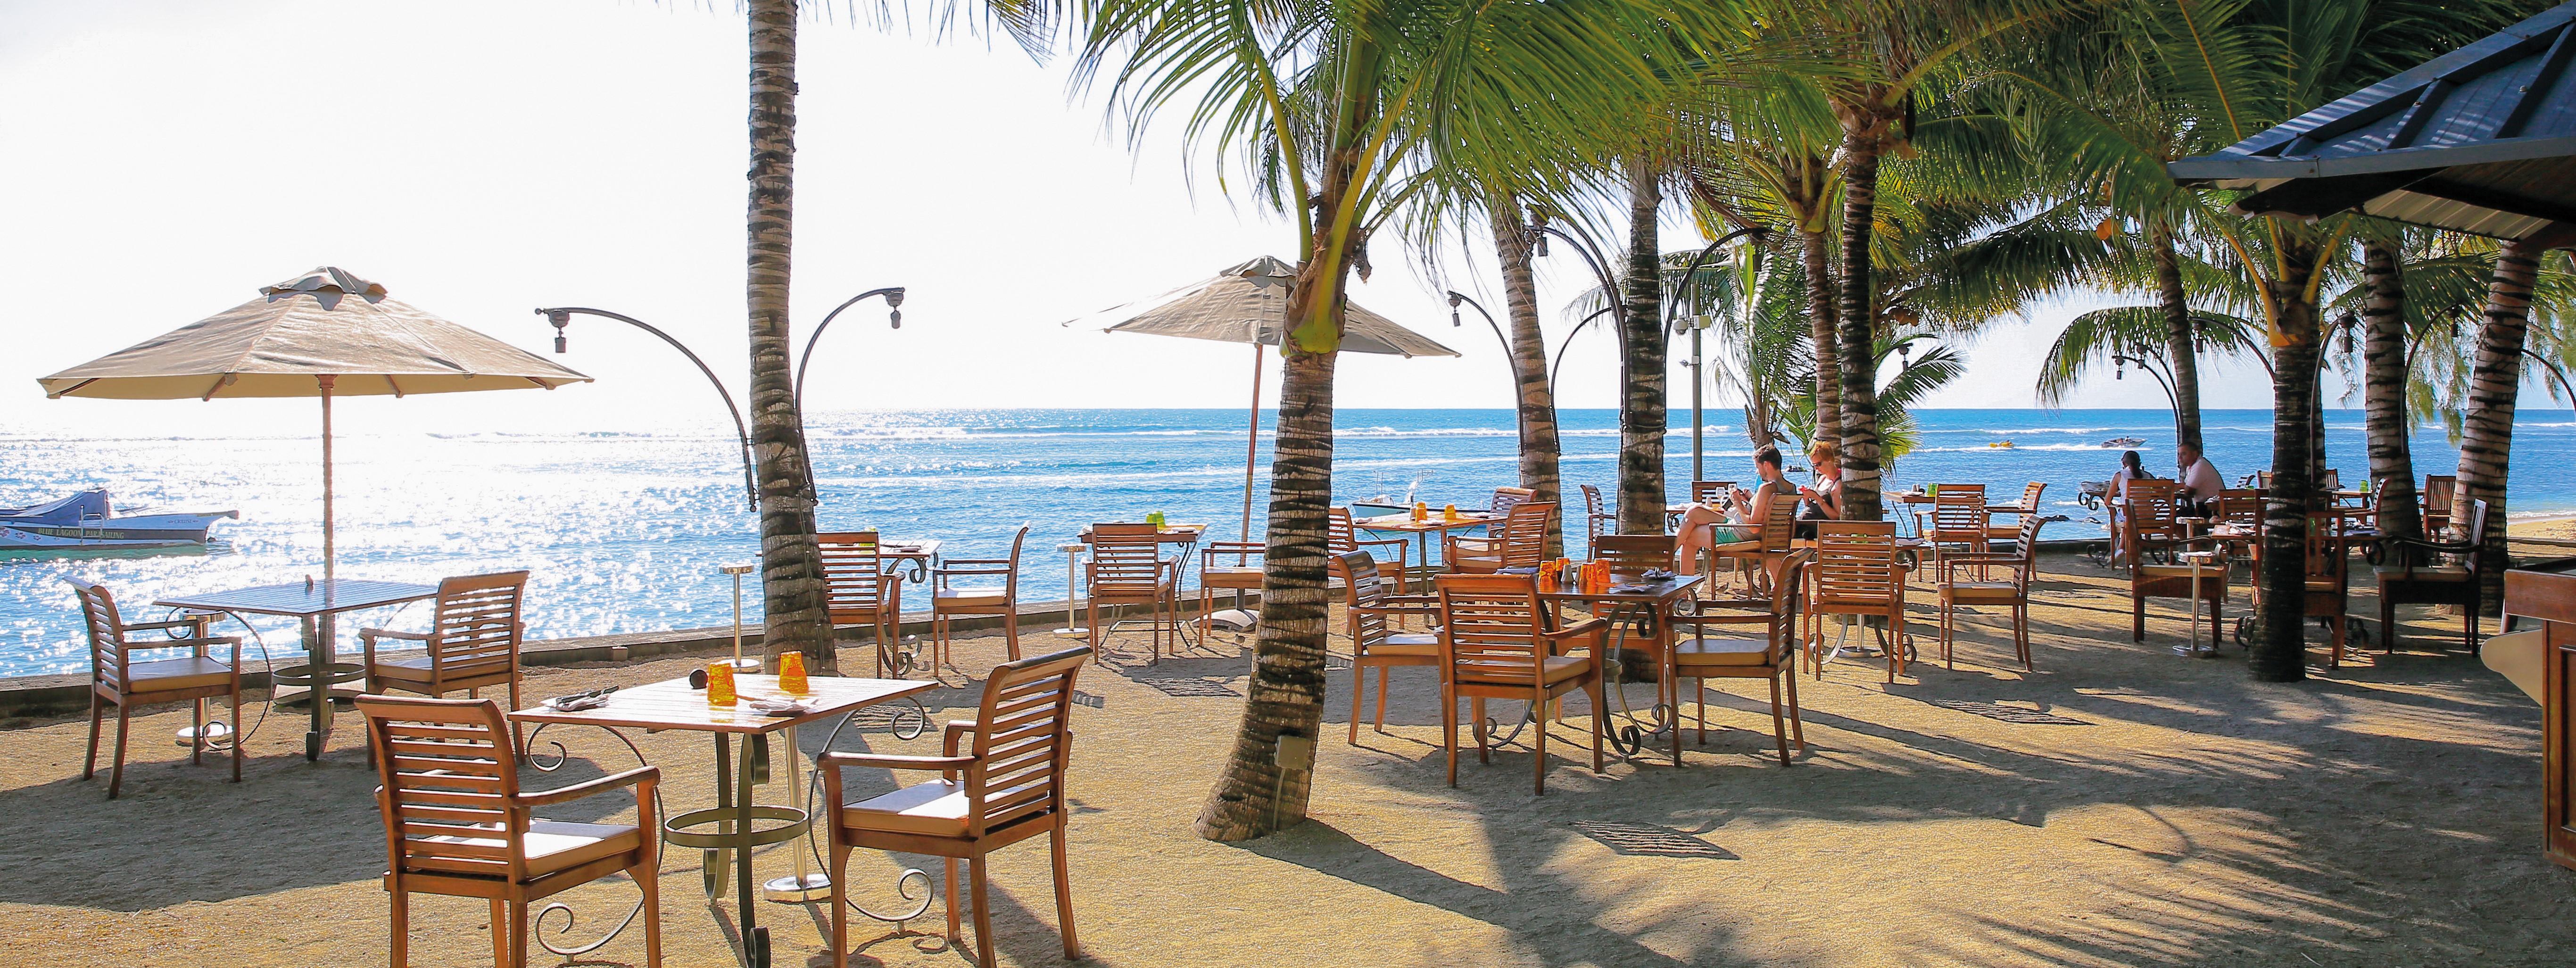 victoria-hotel-horizon-restaurantan